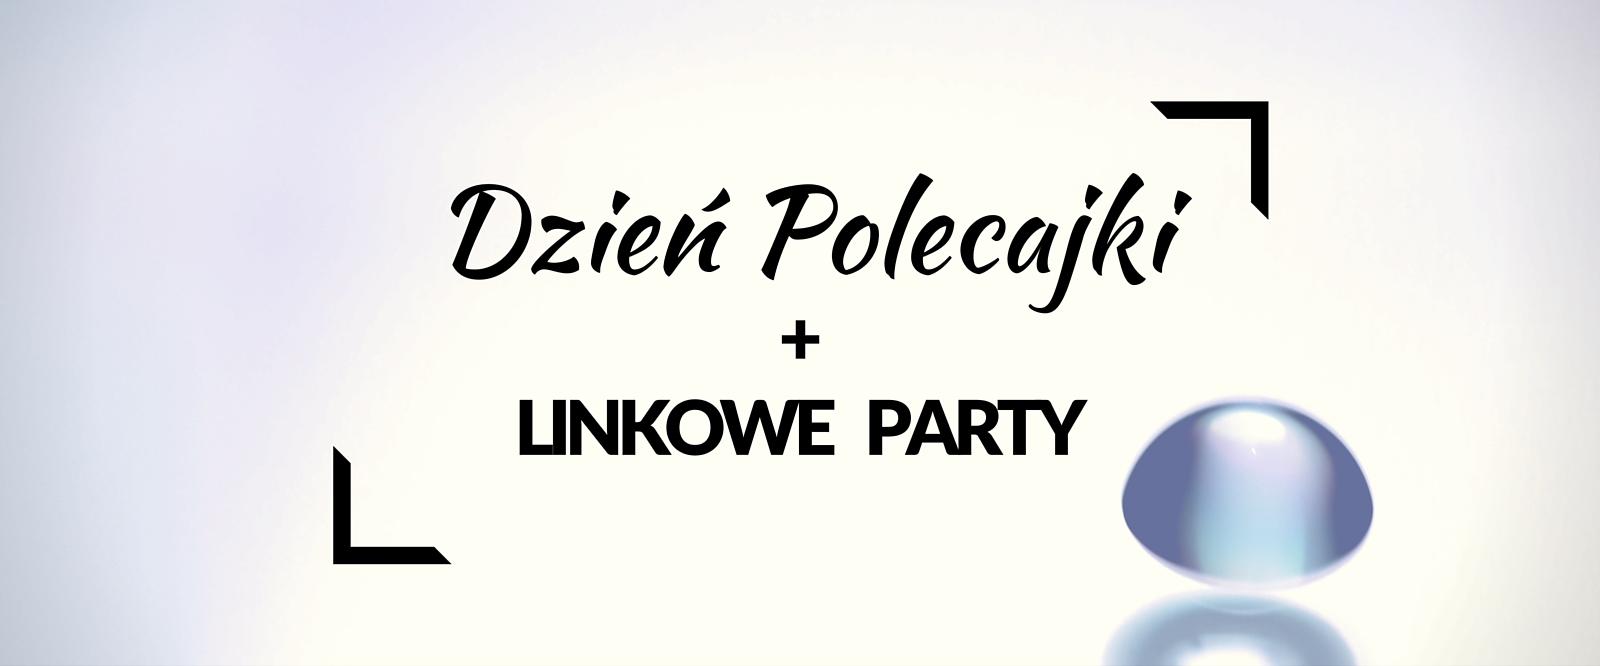 Dzień Polecajki | Linkowe Party | linkparty | blog | blogger | Mara Time | polecane linki | ciekawe wpisy | Ceneo | Pani Miniaturowa | Narwany | Zaniczka |